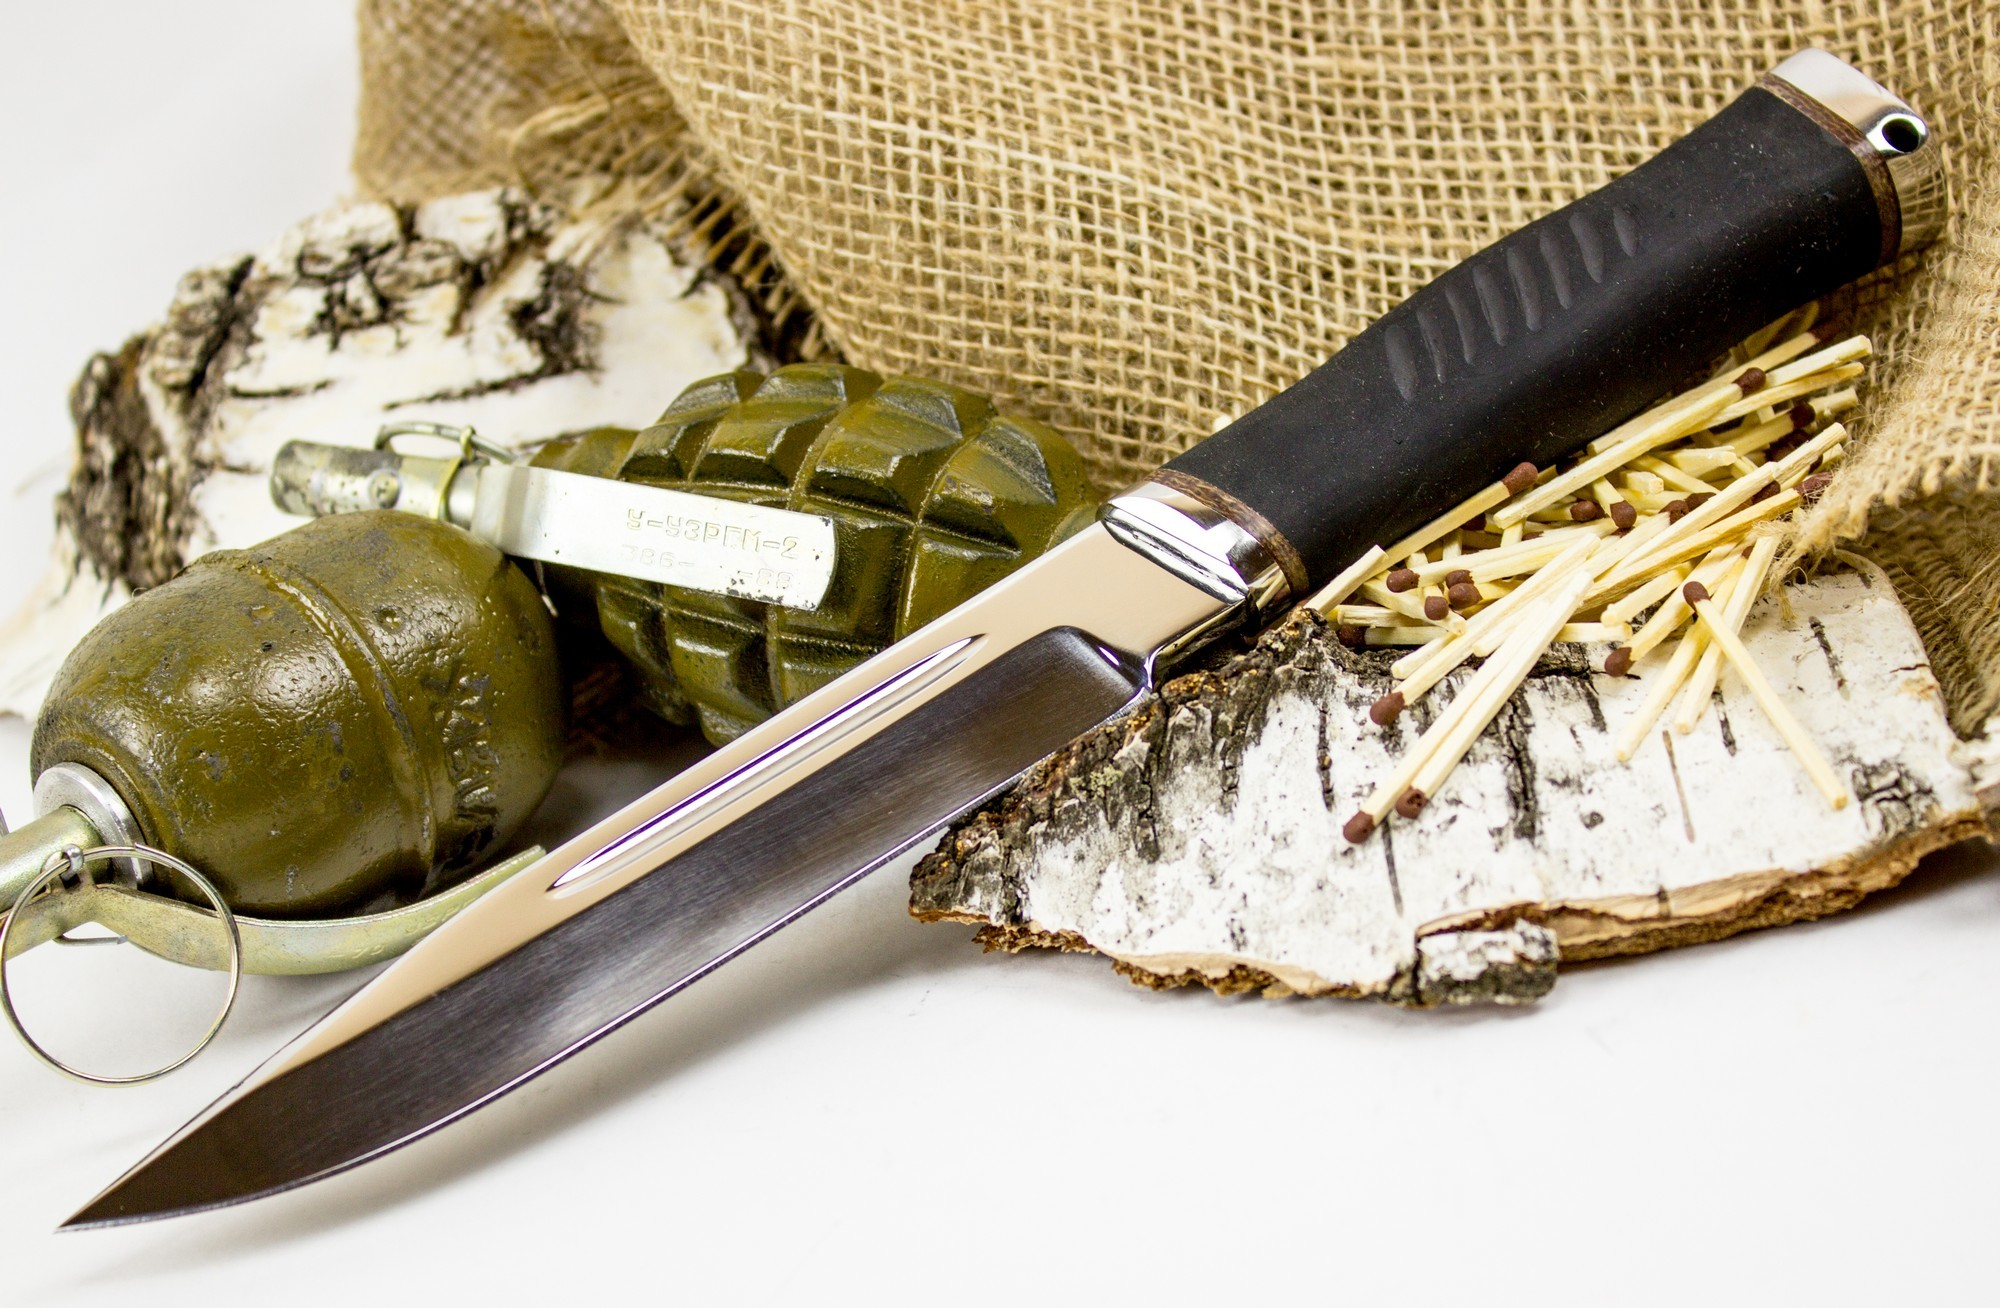 Фото 6 - Нож Казак-1, сталь 65х13 от Титов и Солдатова